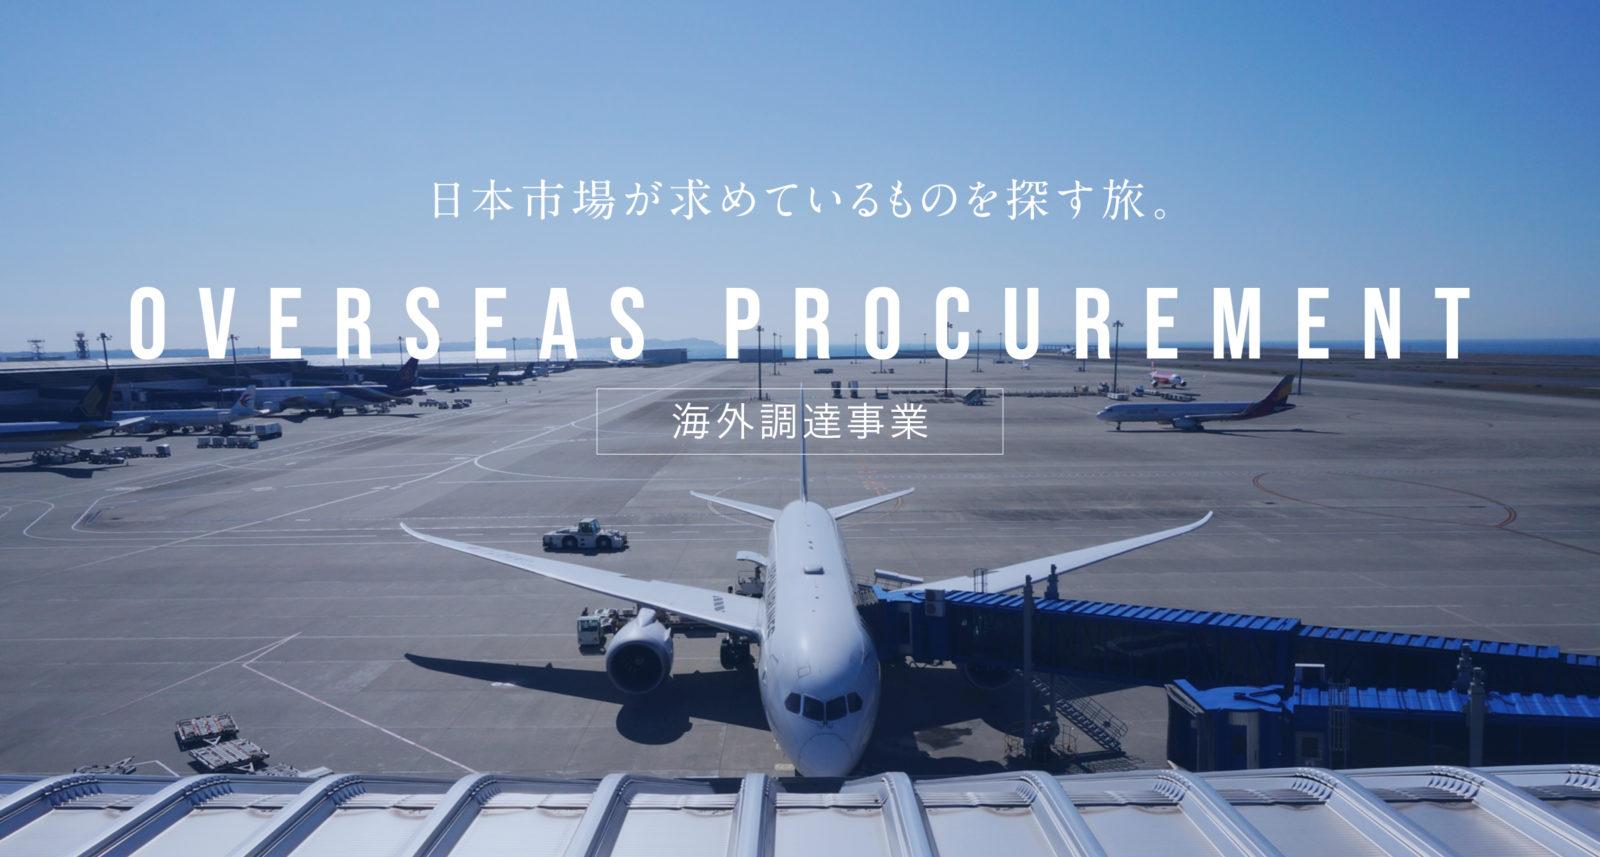 日本市場が求めているものを探す旅。